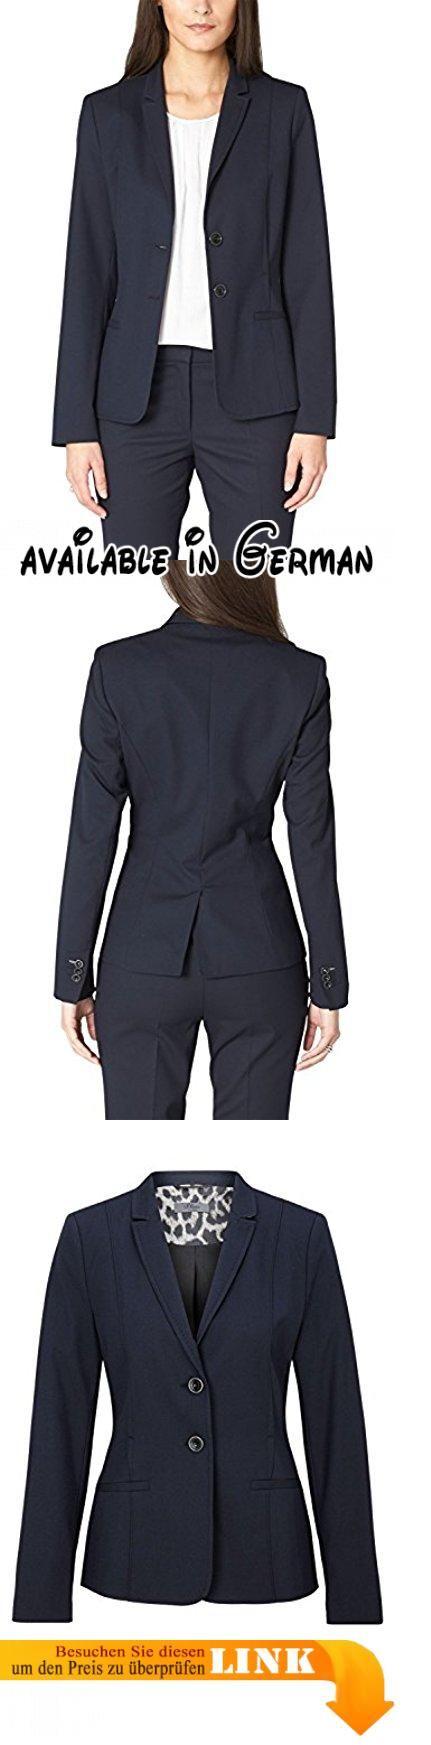 s.Oliver BLACK LABEL Damen Blazer 1 - Knopf, Gr. 36, Blau (deep blue 5959, Blau). Gepflegter und etwas längerer Blazer in dezent strukturierter Optik. Schmale Form, die eine schöne Taille macht. Sehr edel mit der  passenden Hose, aber auch lässig zur Jeans ein echter Klassiker!. Die sehr hochwertige Materialzusammensetzung und Verarbeitung garantieren eine perfekte Passform und optimalen Tragekomfort. #Apparel #BLAZER